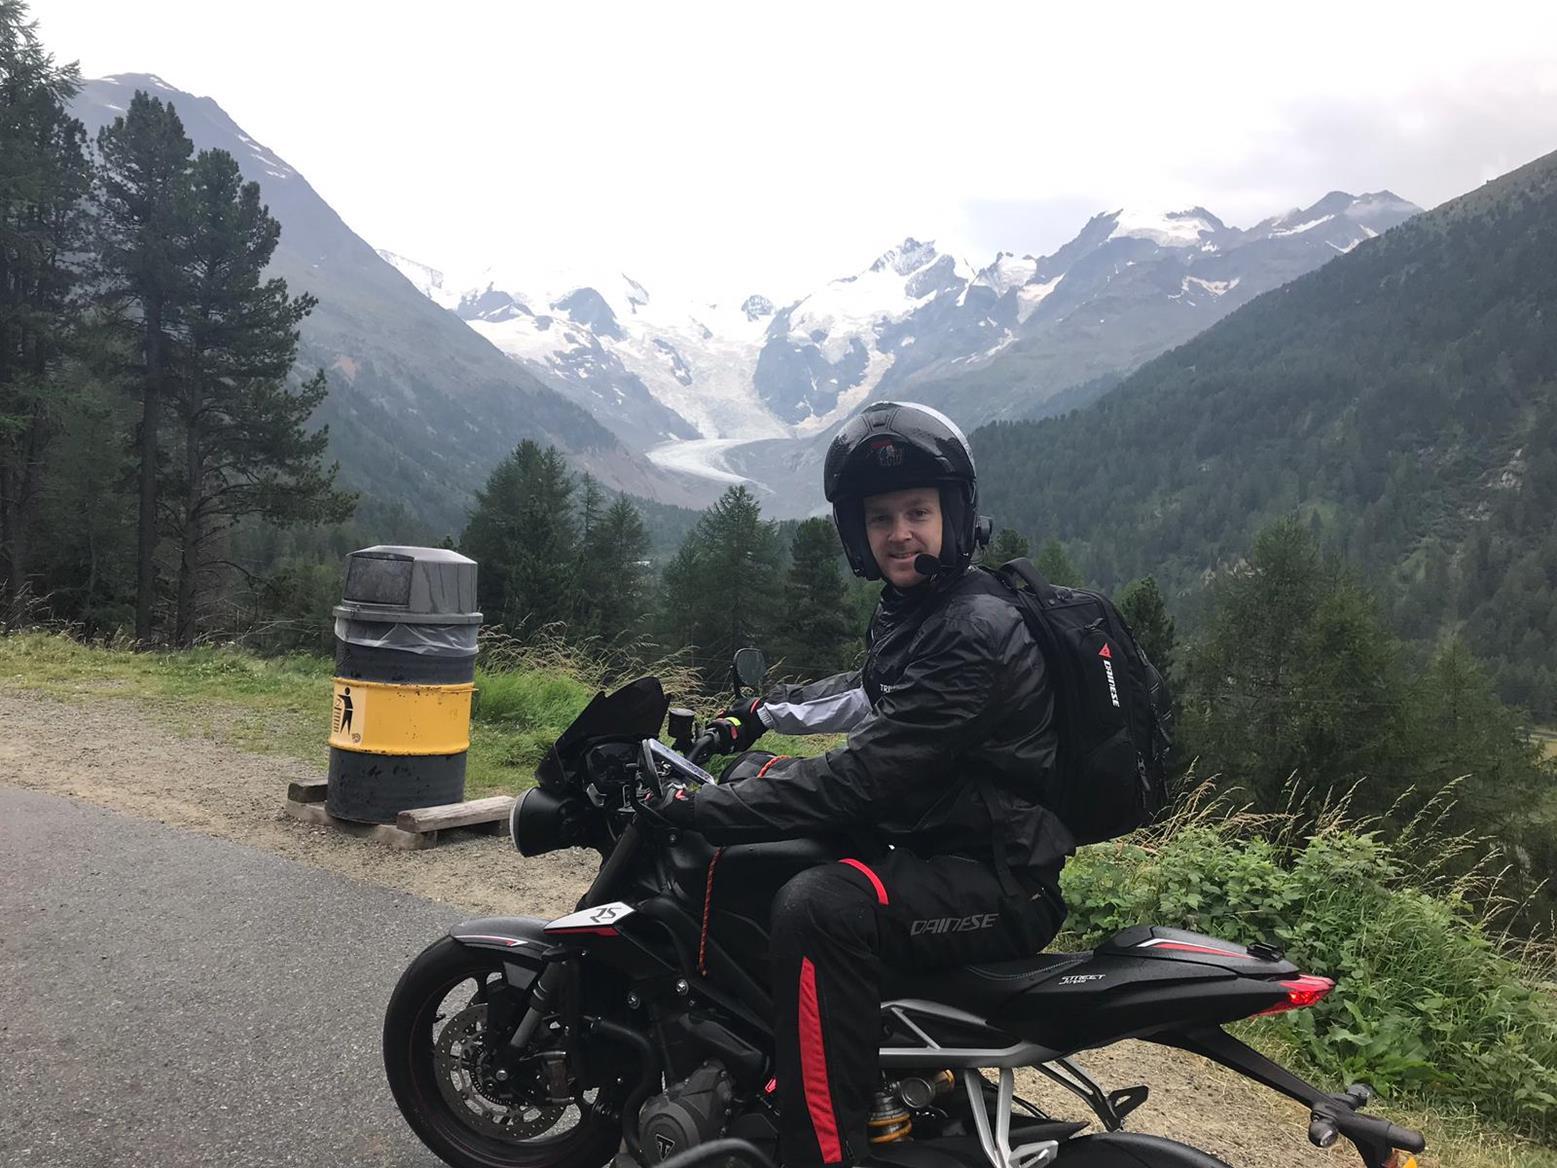 Dan Linfoot went on a European tour